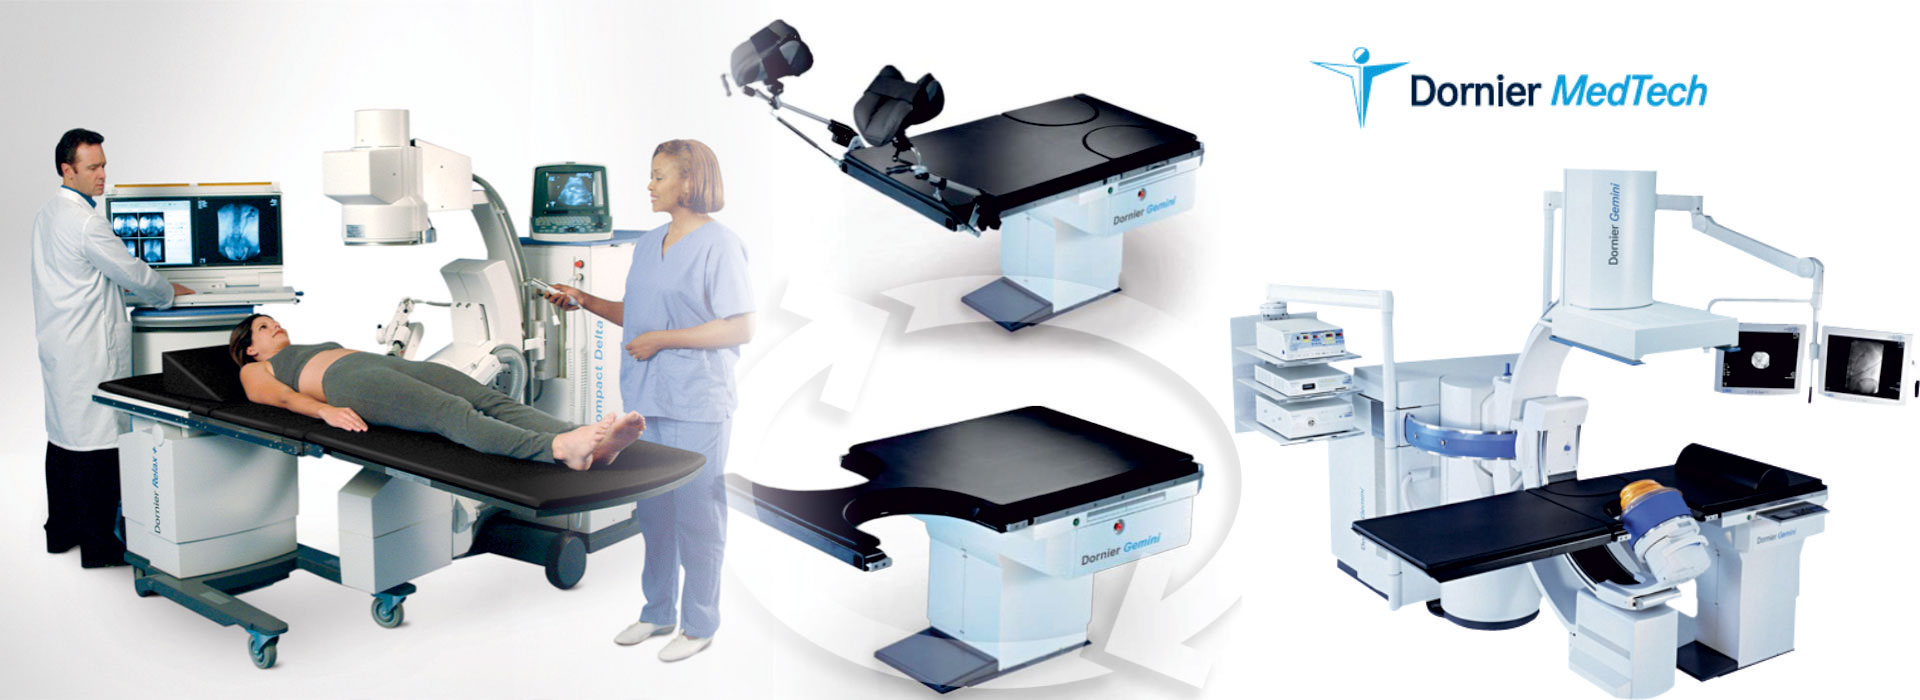 Dornier Medtech